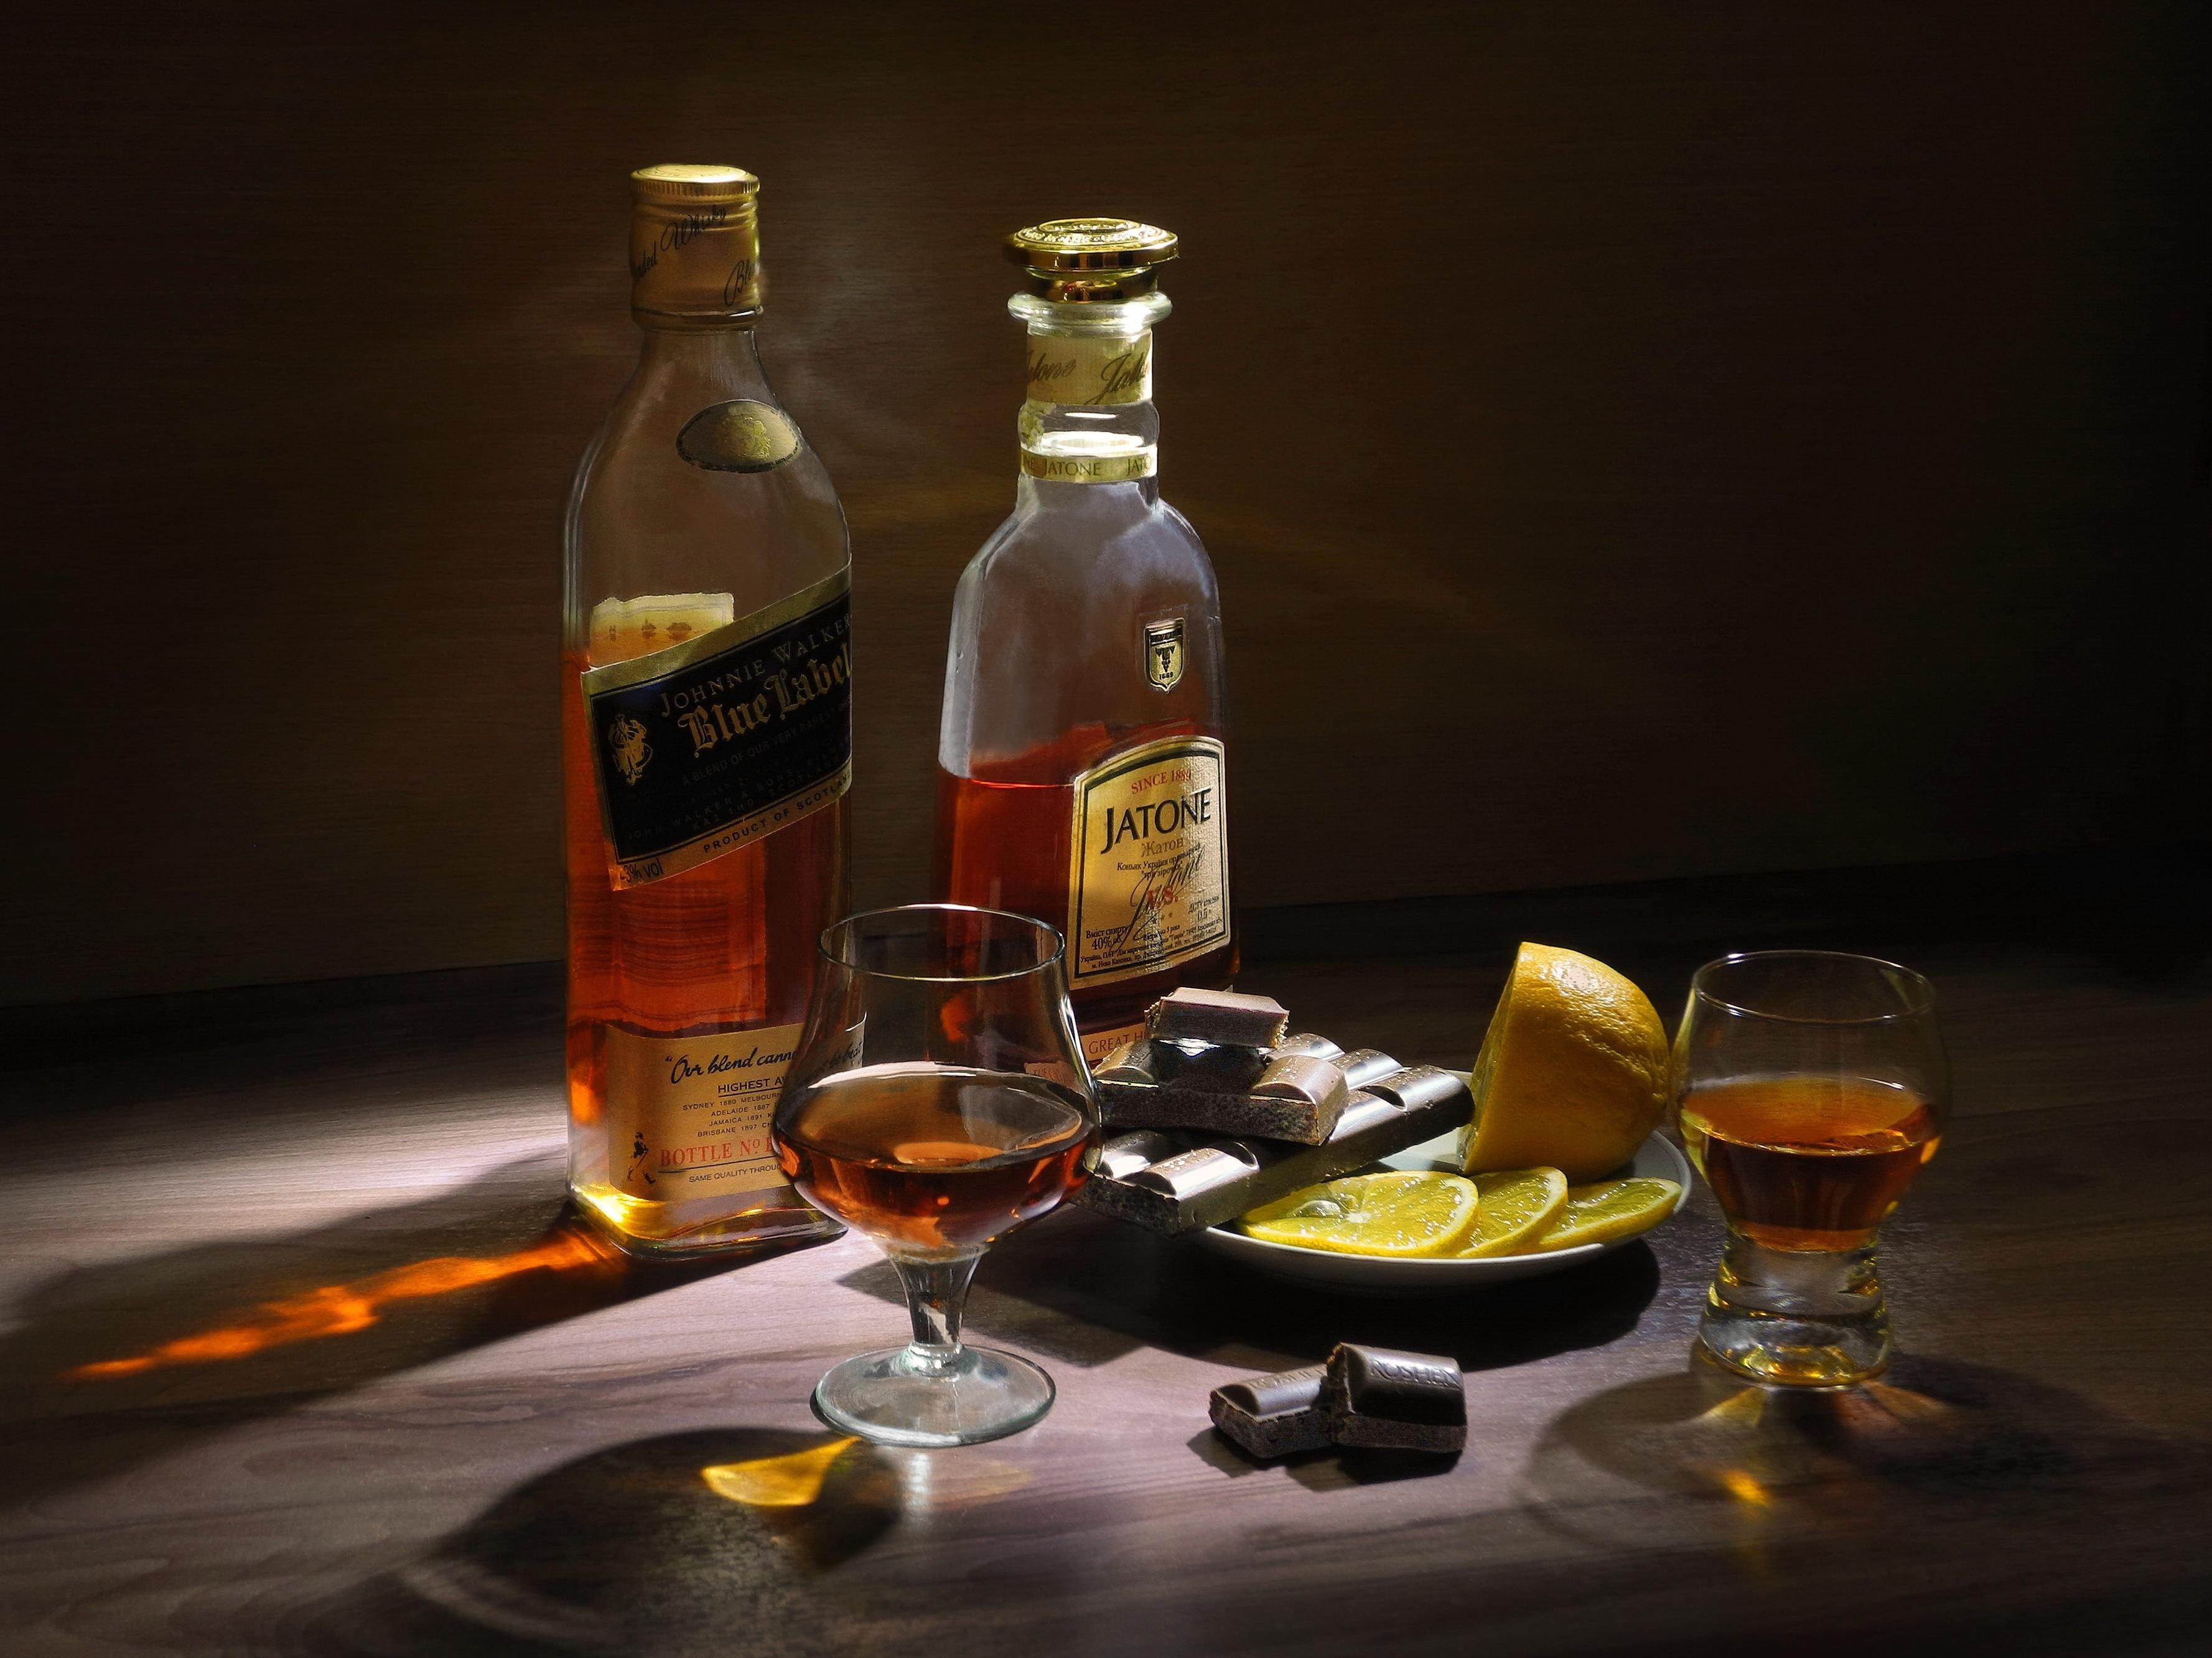 картинки с коньяком в бокалах на столе и едой одна типичная черта